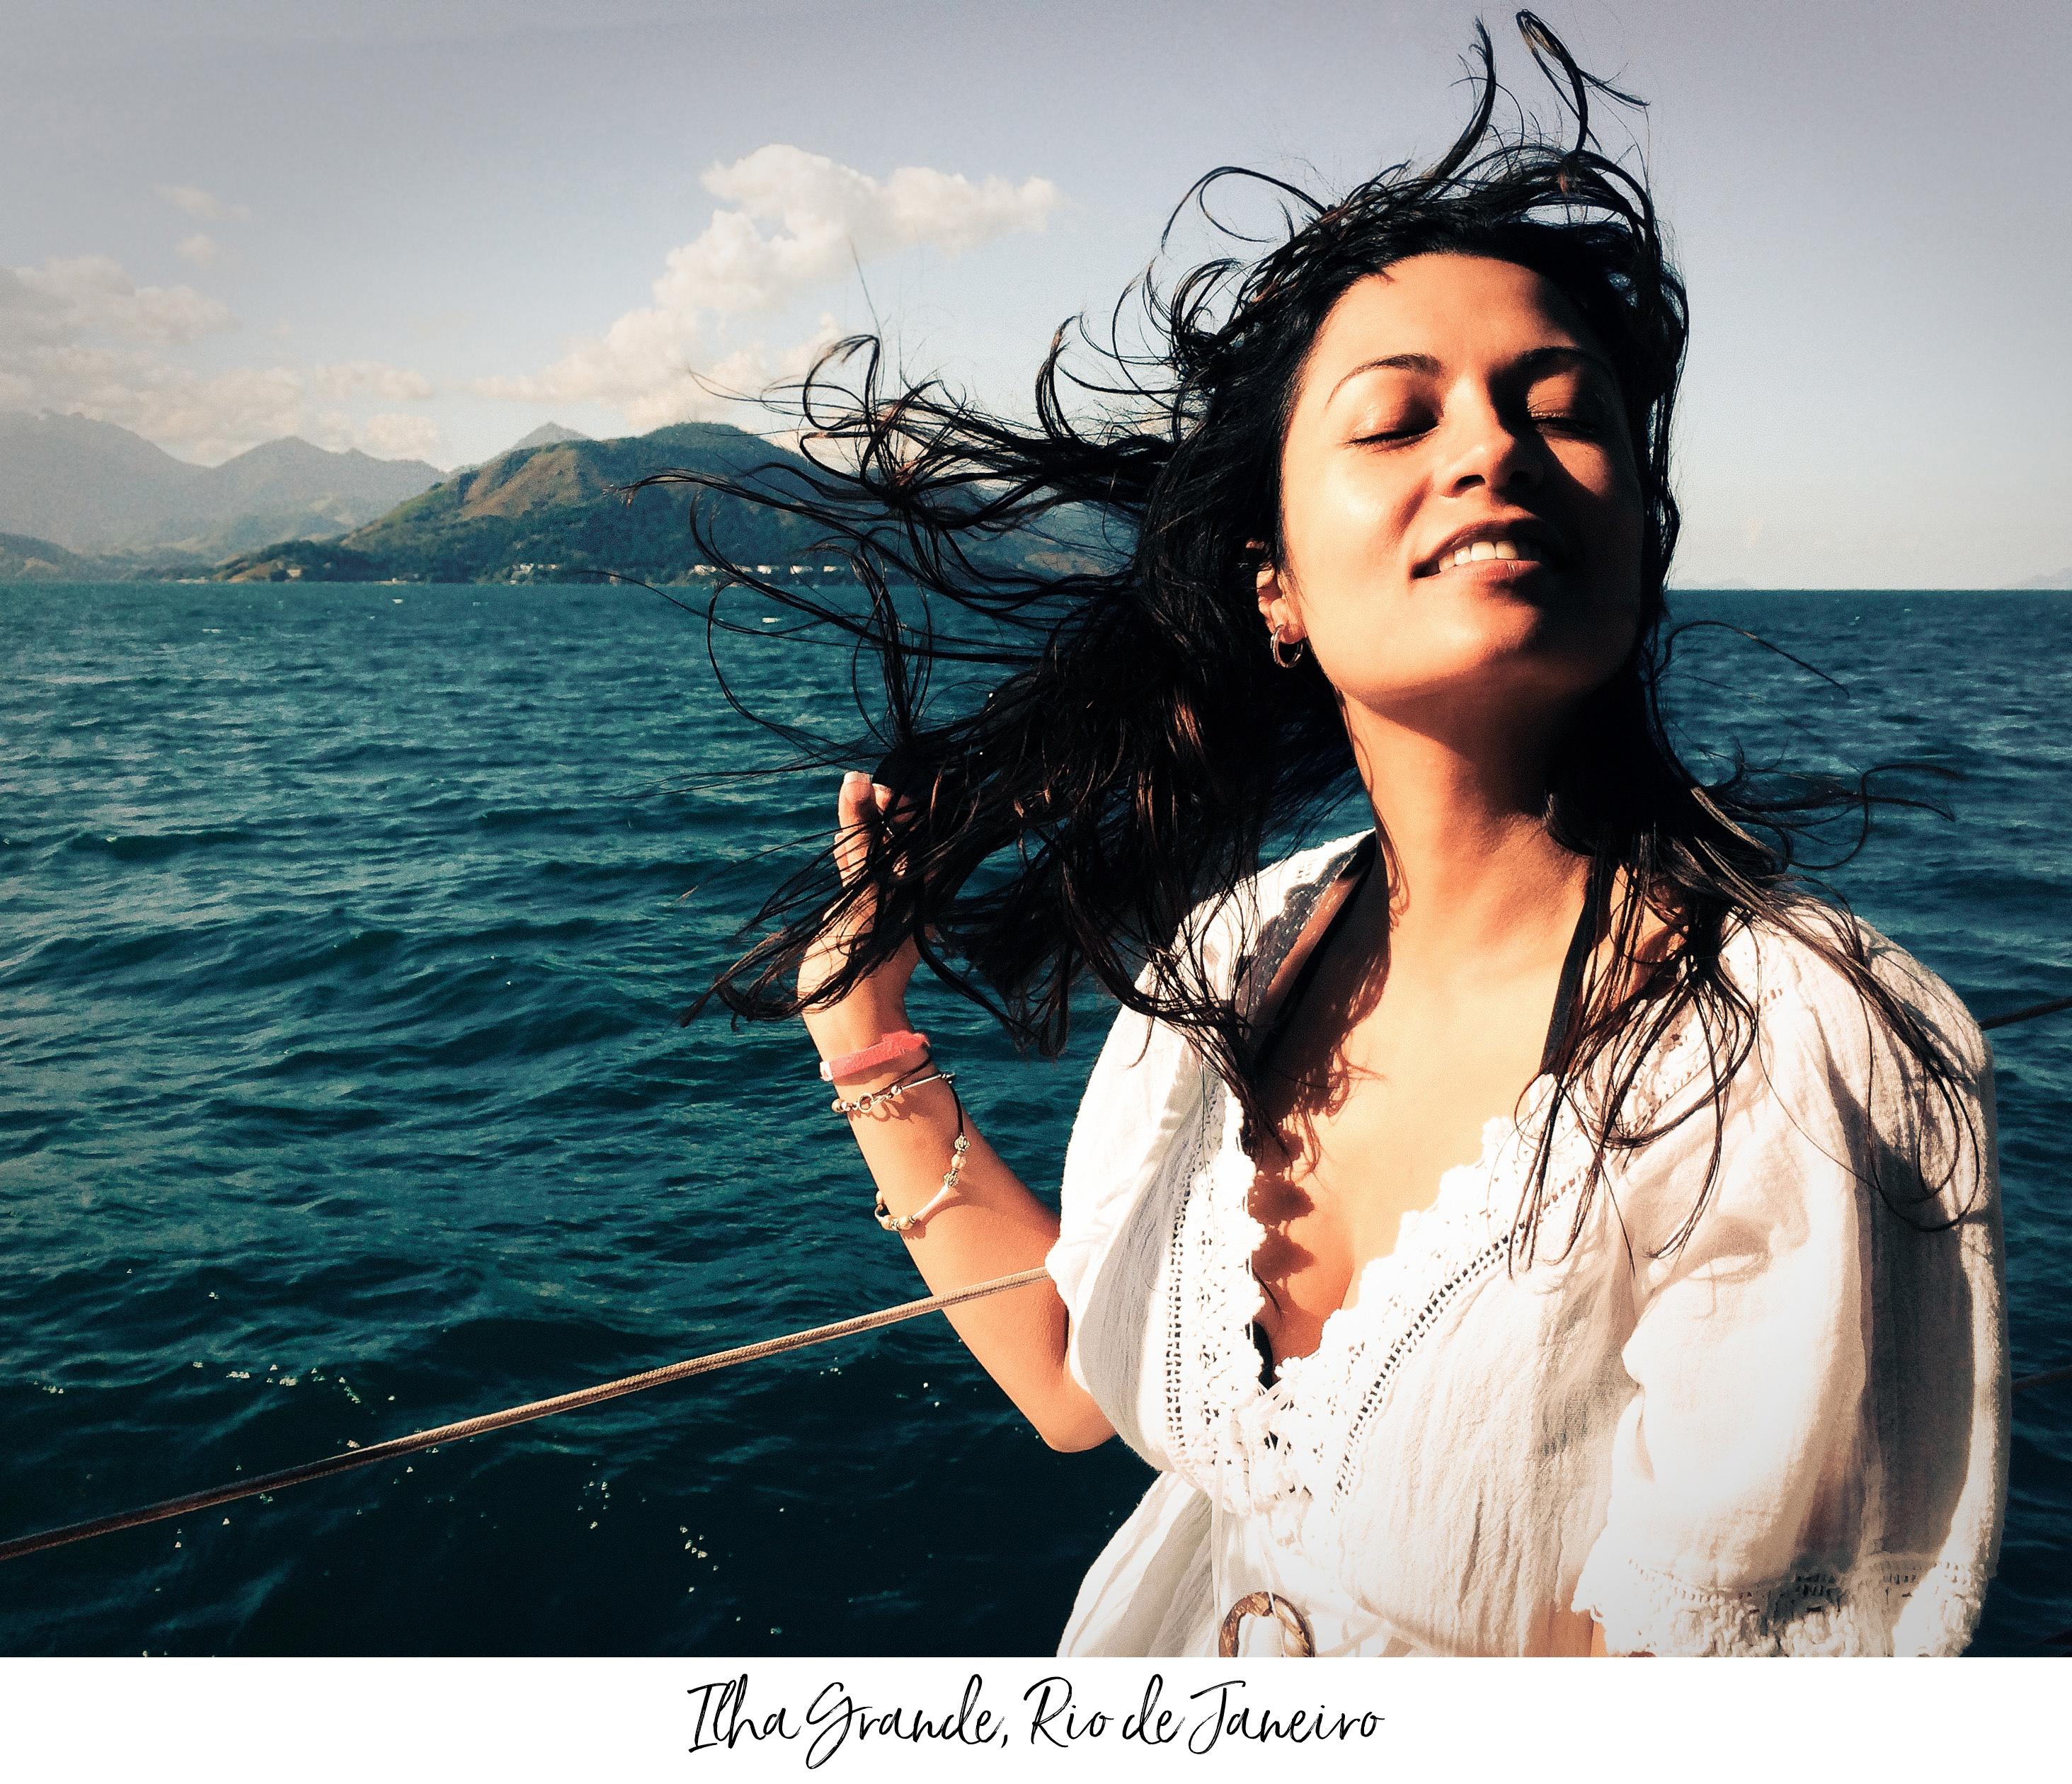 Ilhan Grande Rio de Janeiro boat trip